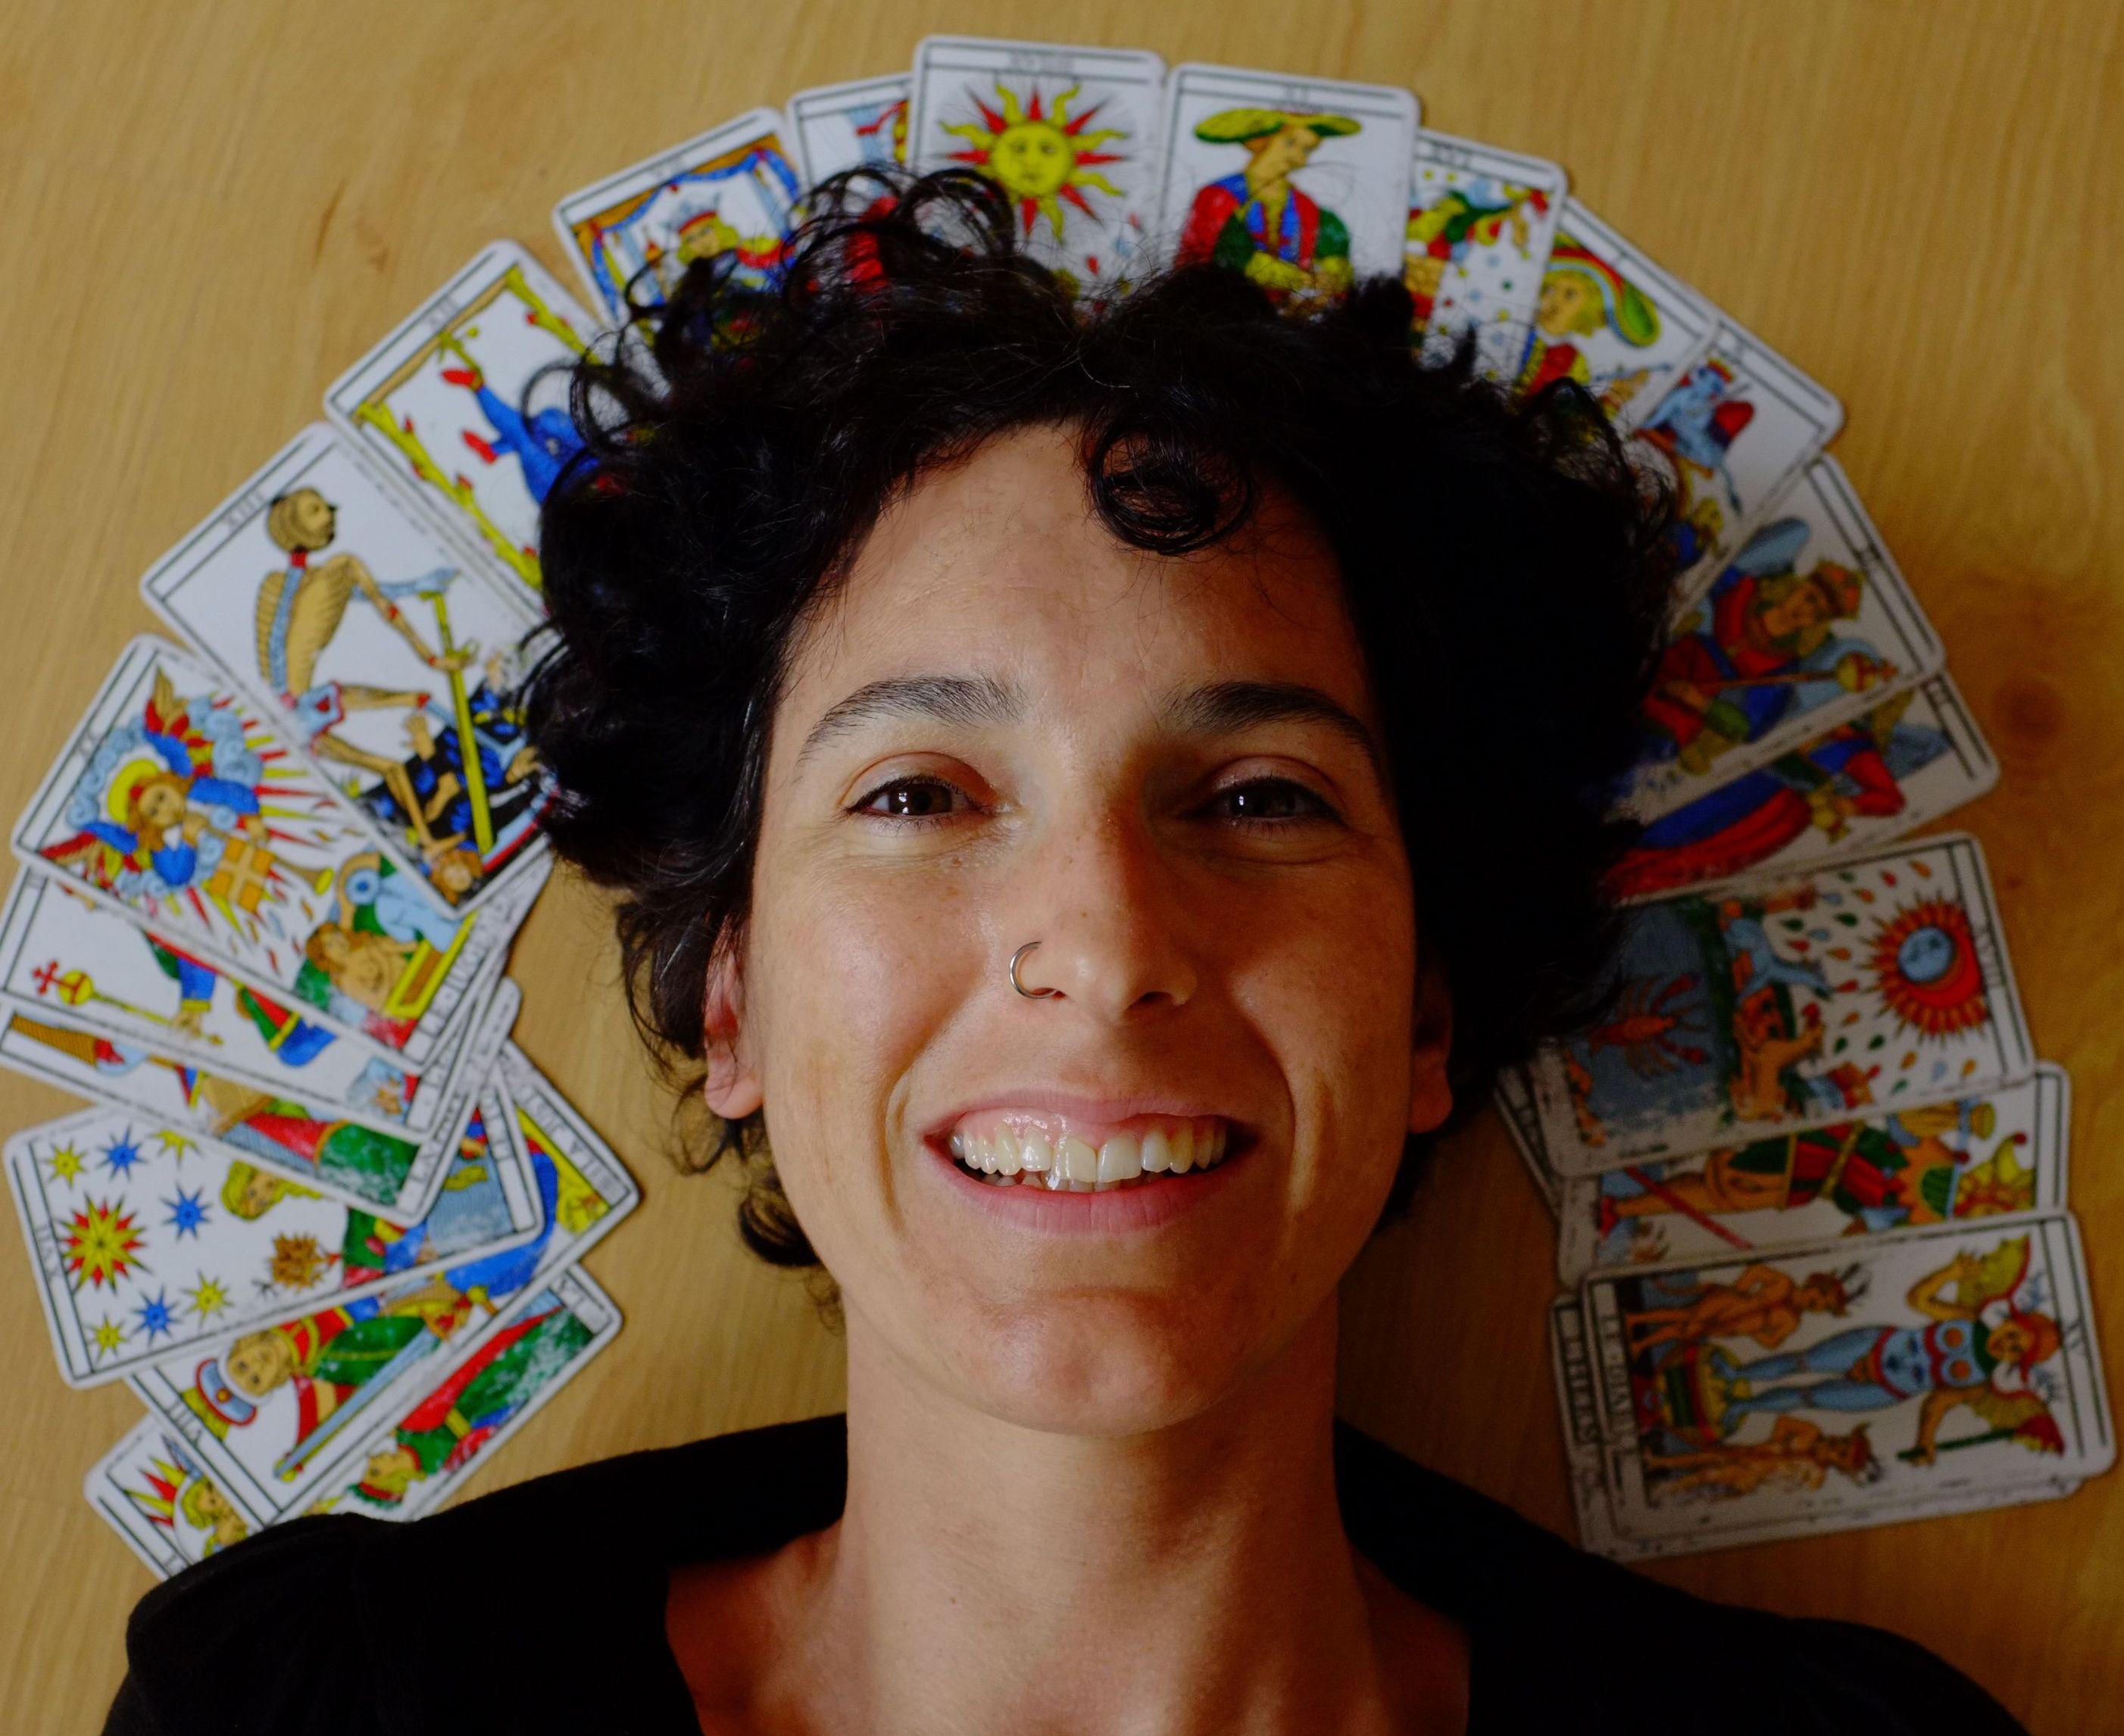 ¡Con el Tarot en el pensamiento y más allá! #marifranstarot #marifrans #tarot #tarotdemarsella #camoin #jodorowsky Marifrans Tarot #tarotconsciente #tarotevolutivo #amoElTarot #IloveTarot